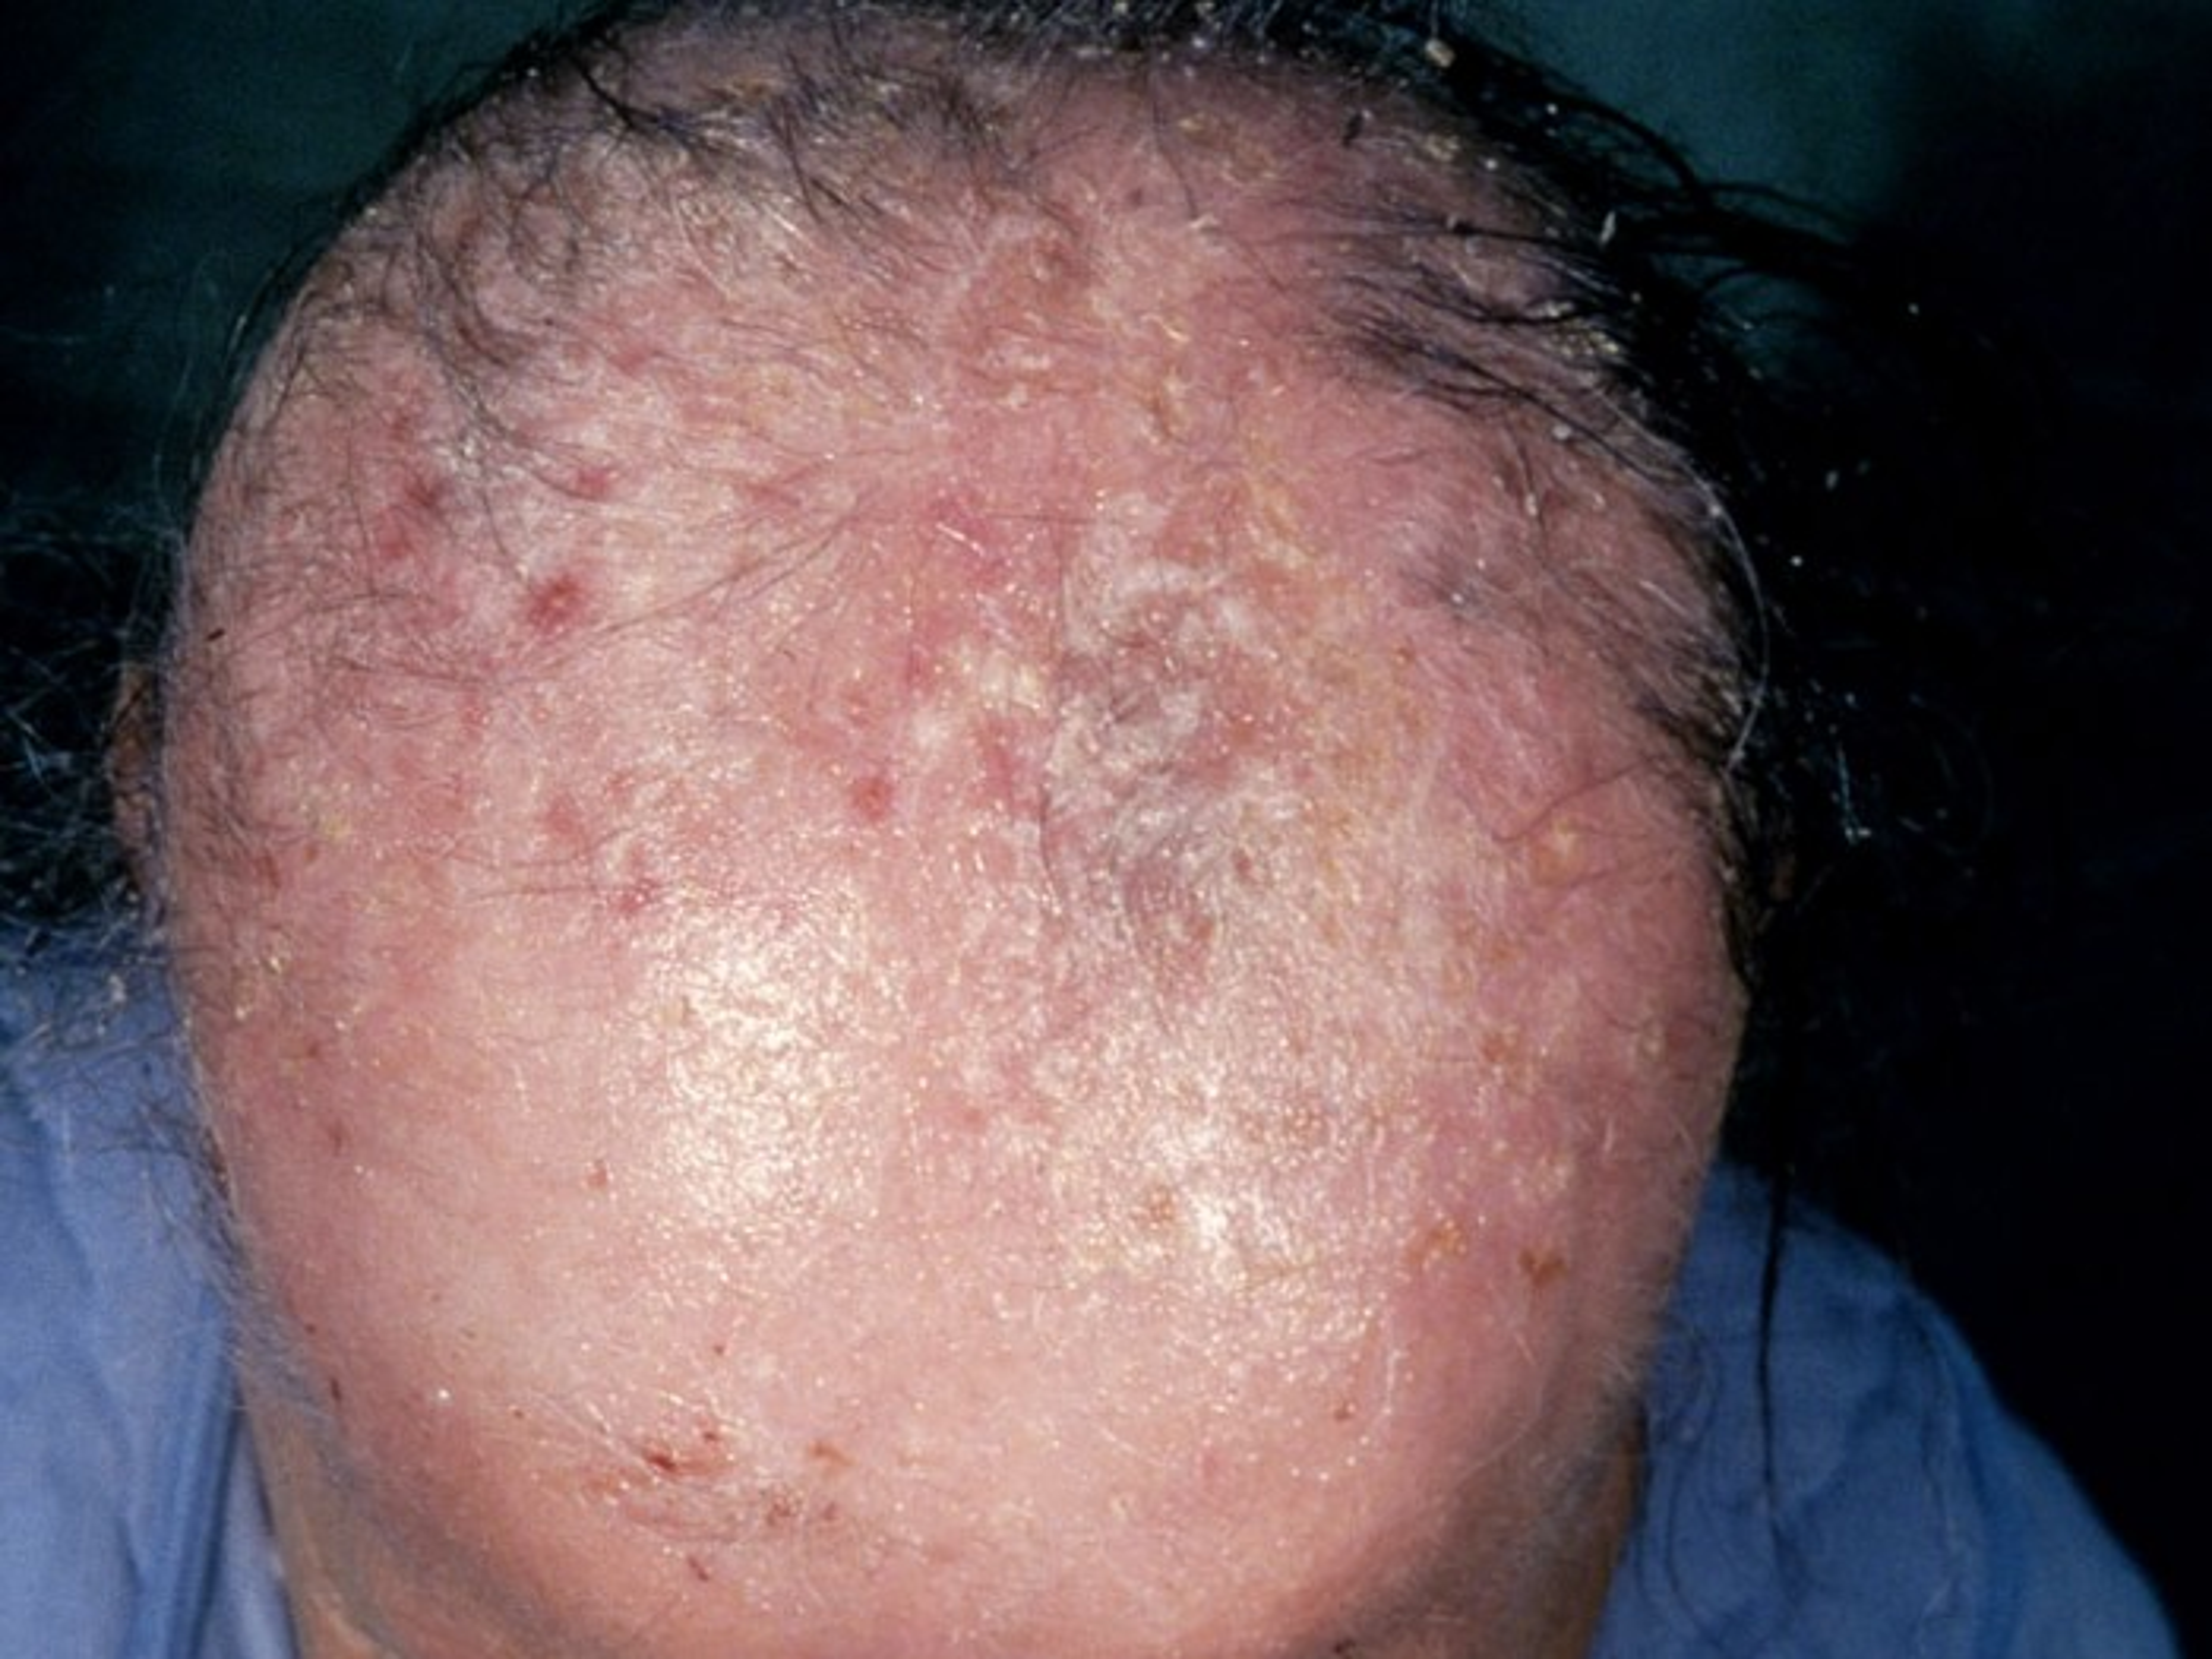 schimmelinfectie komt steeds terug